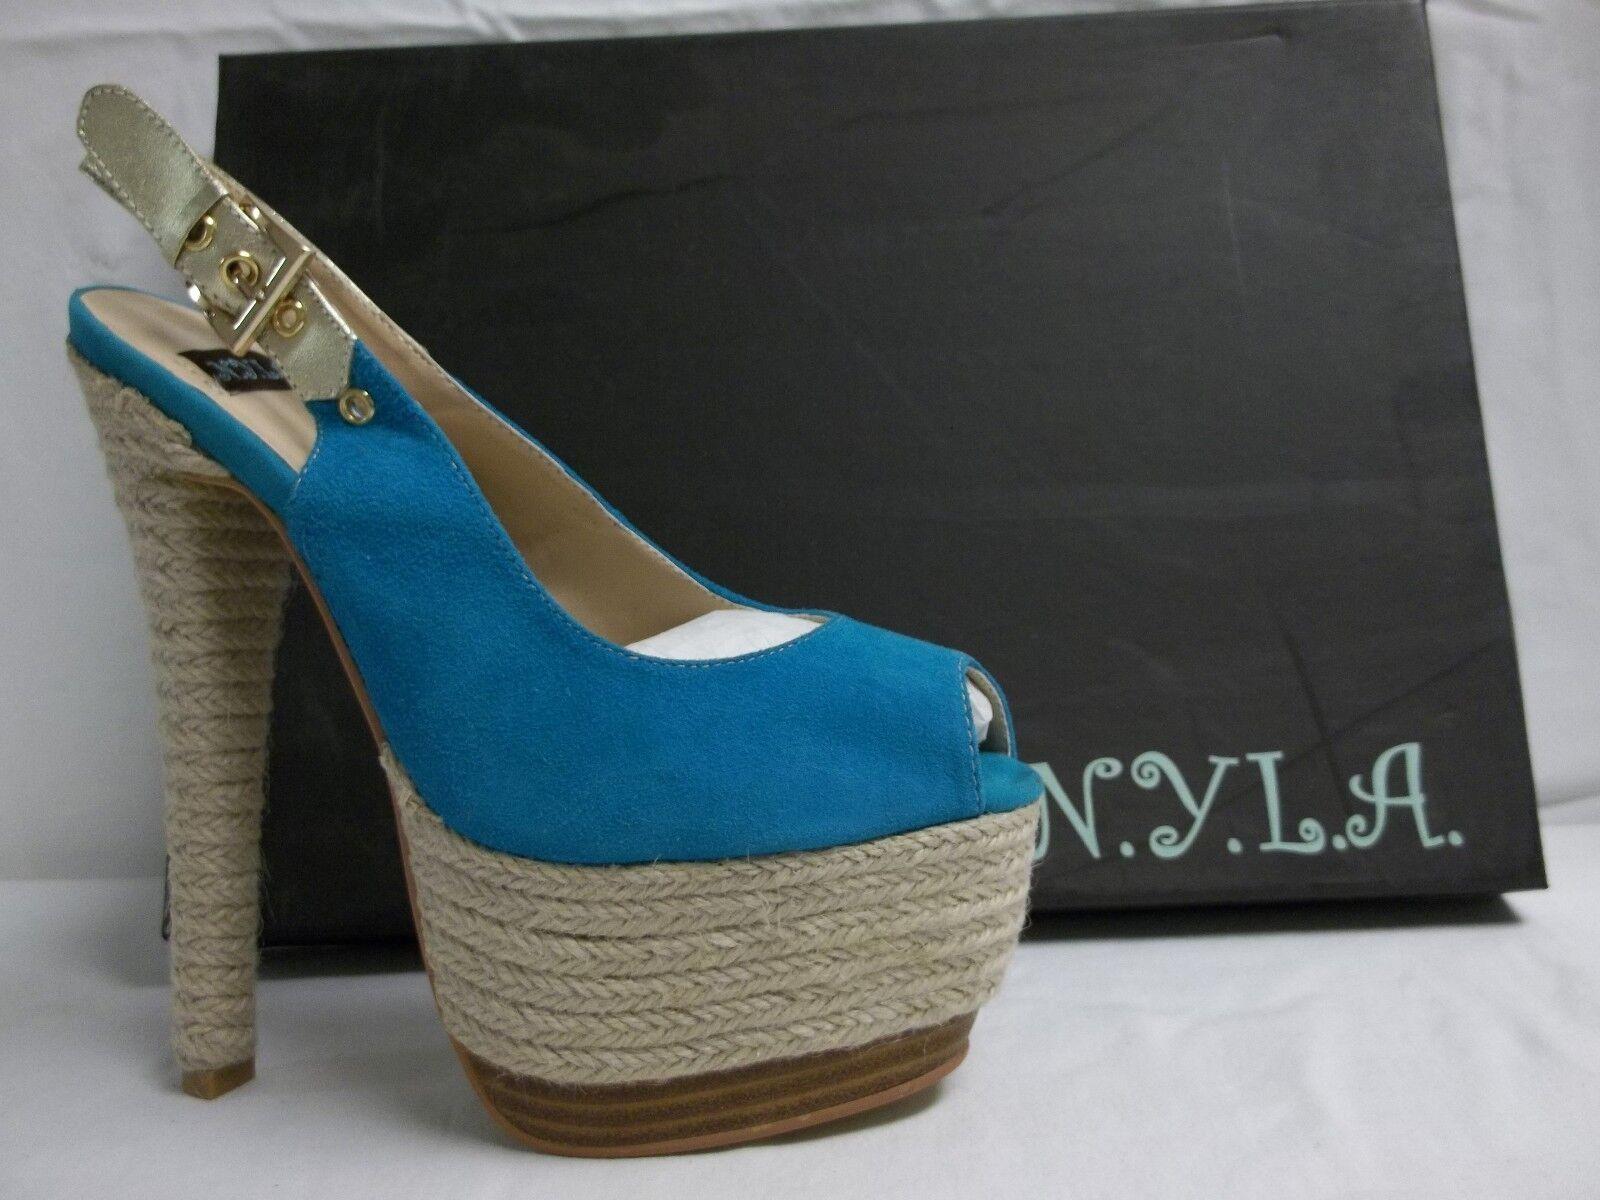 N.Y.L.A. Größe 7.5 M Pearlia Blau Suede Slingbacks Heels New Damenschuhe Schuhes